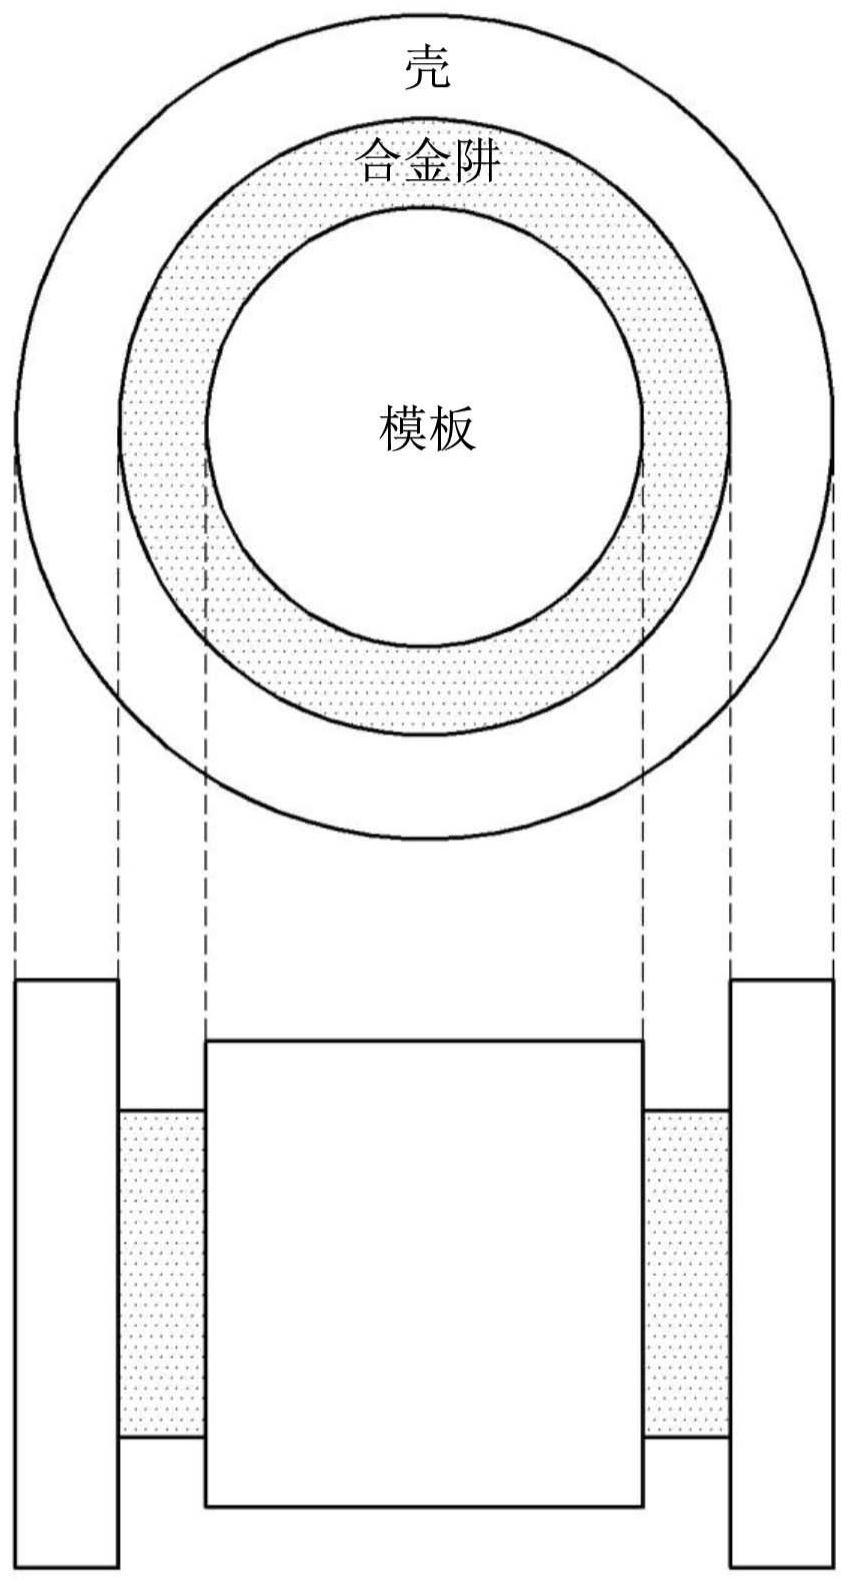 量子点、包括量子点的量子点聚合物复合物和显示装置